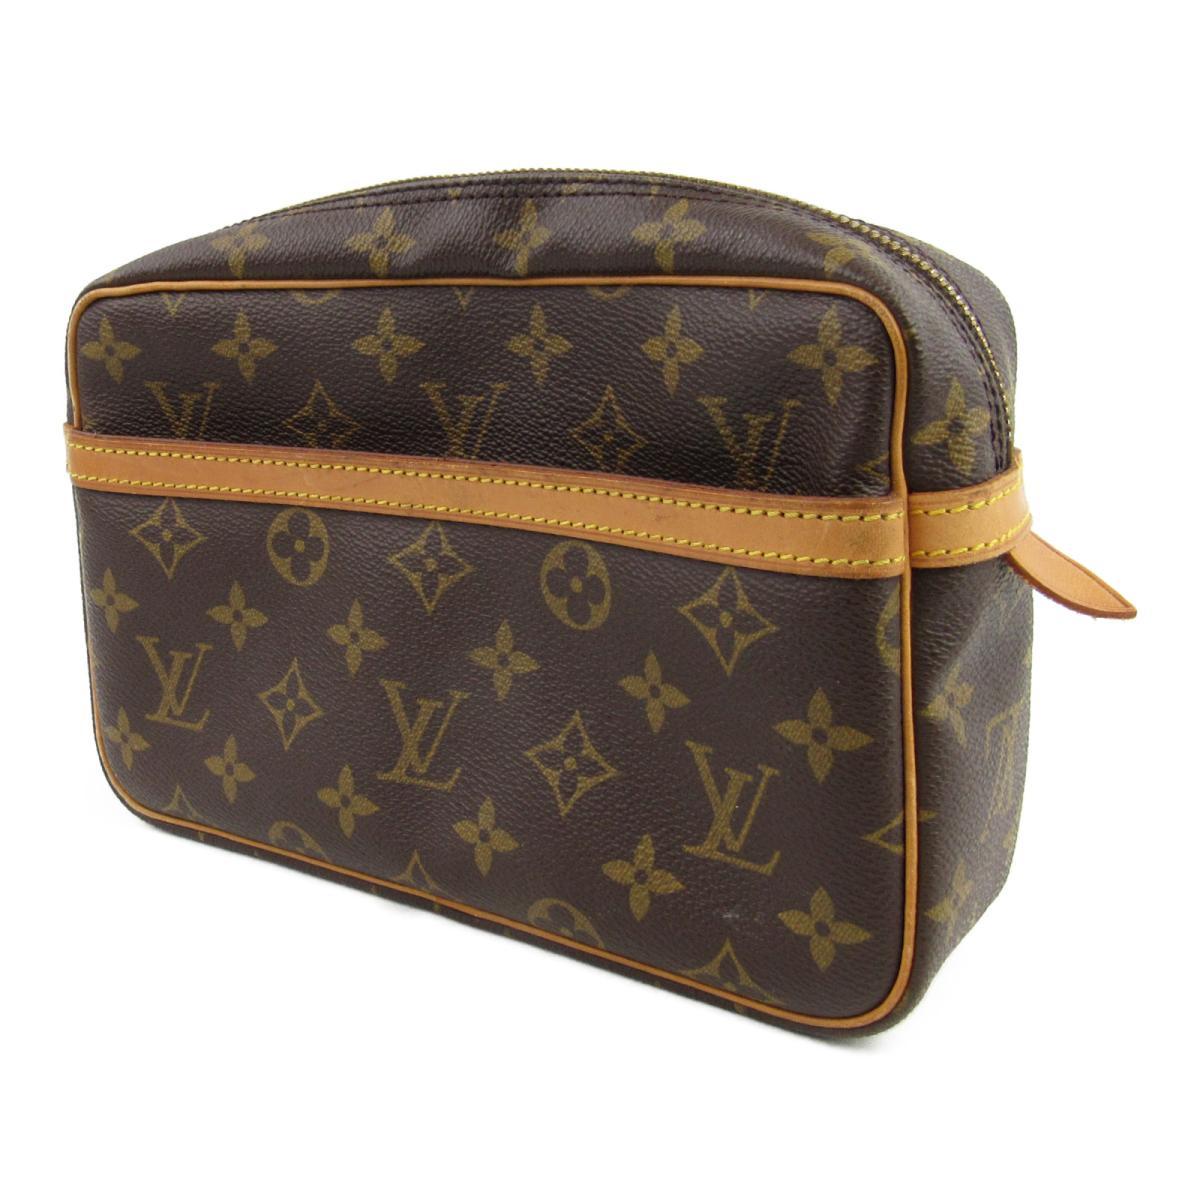 1fd73d3df46e BRANDOFF  Auth LOUIS VUITTON Compiegne 23 clutch bag second bag M51847  Monogram Used